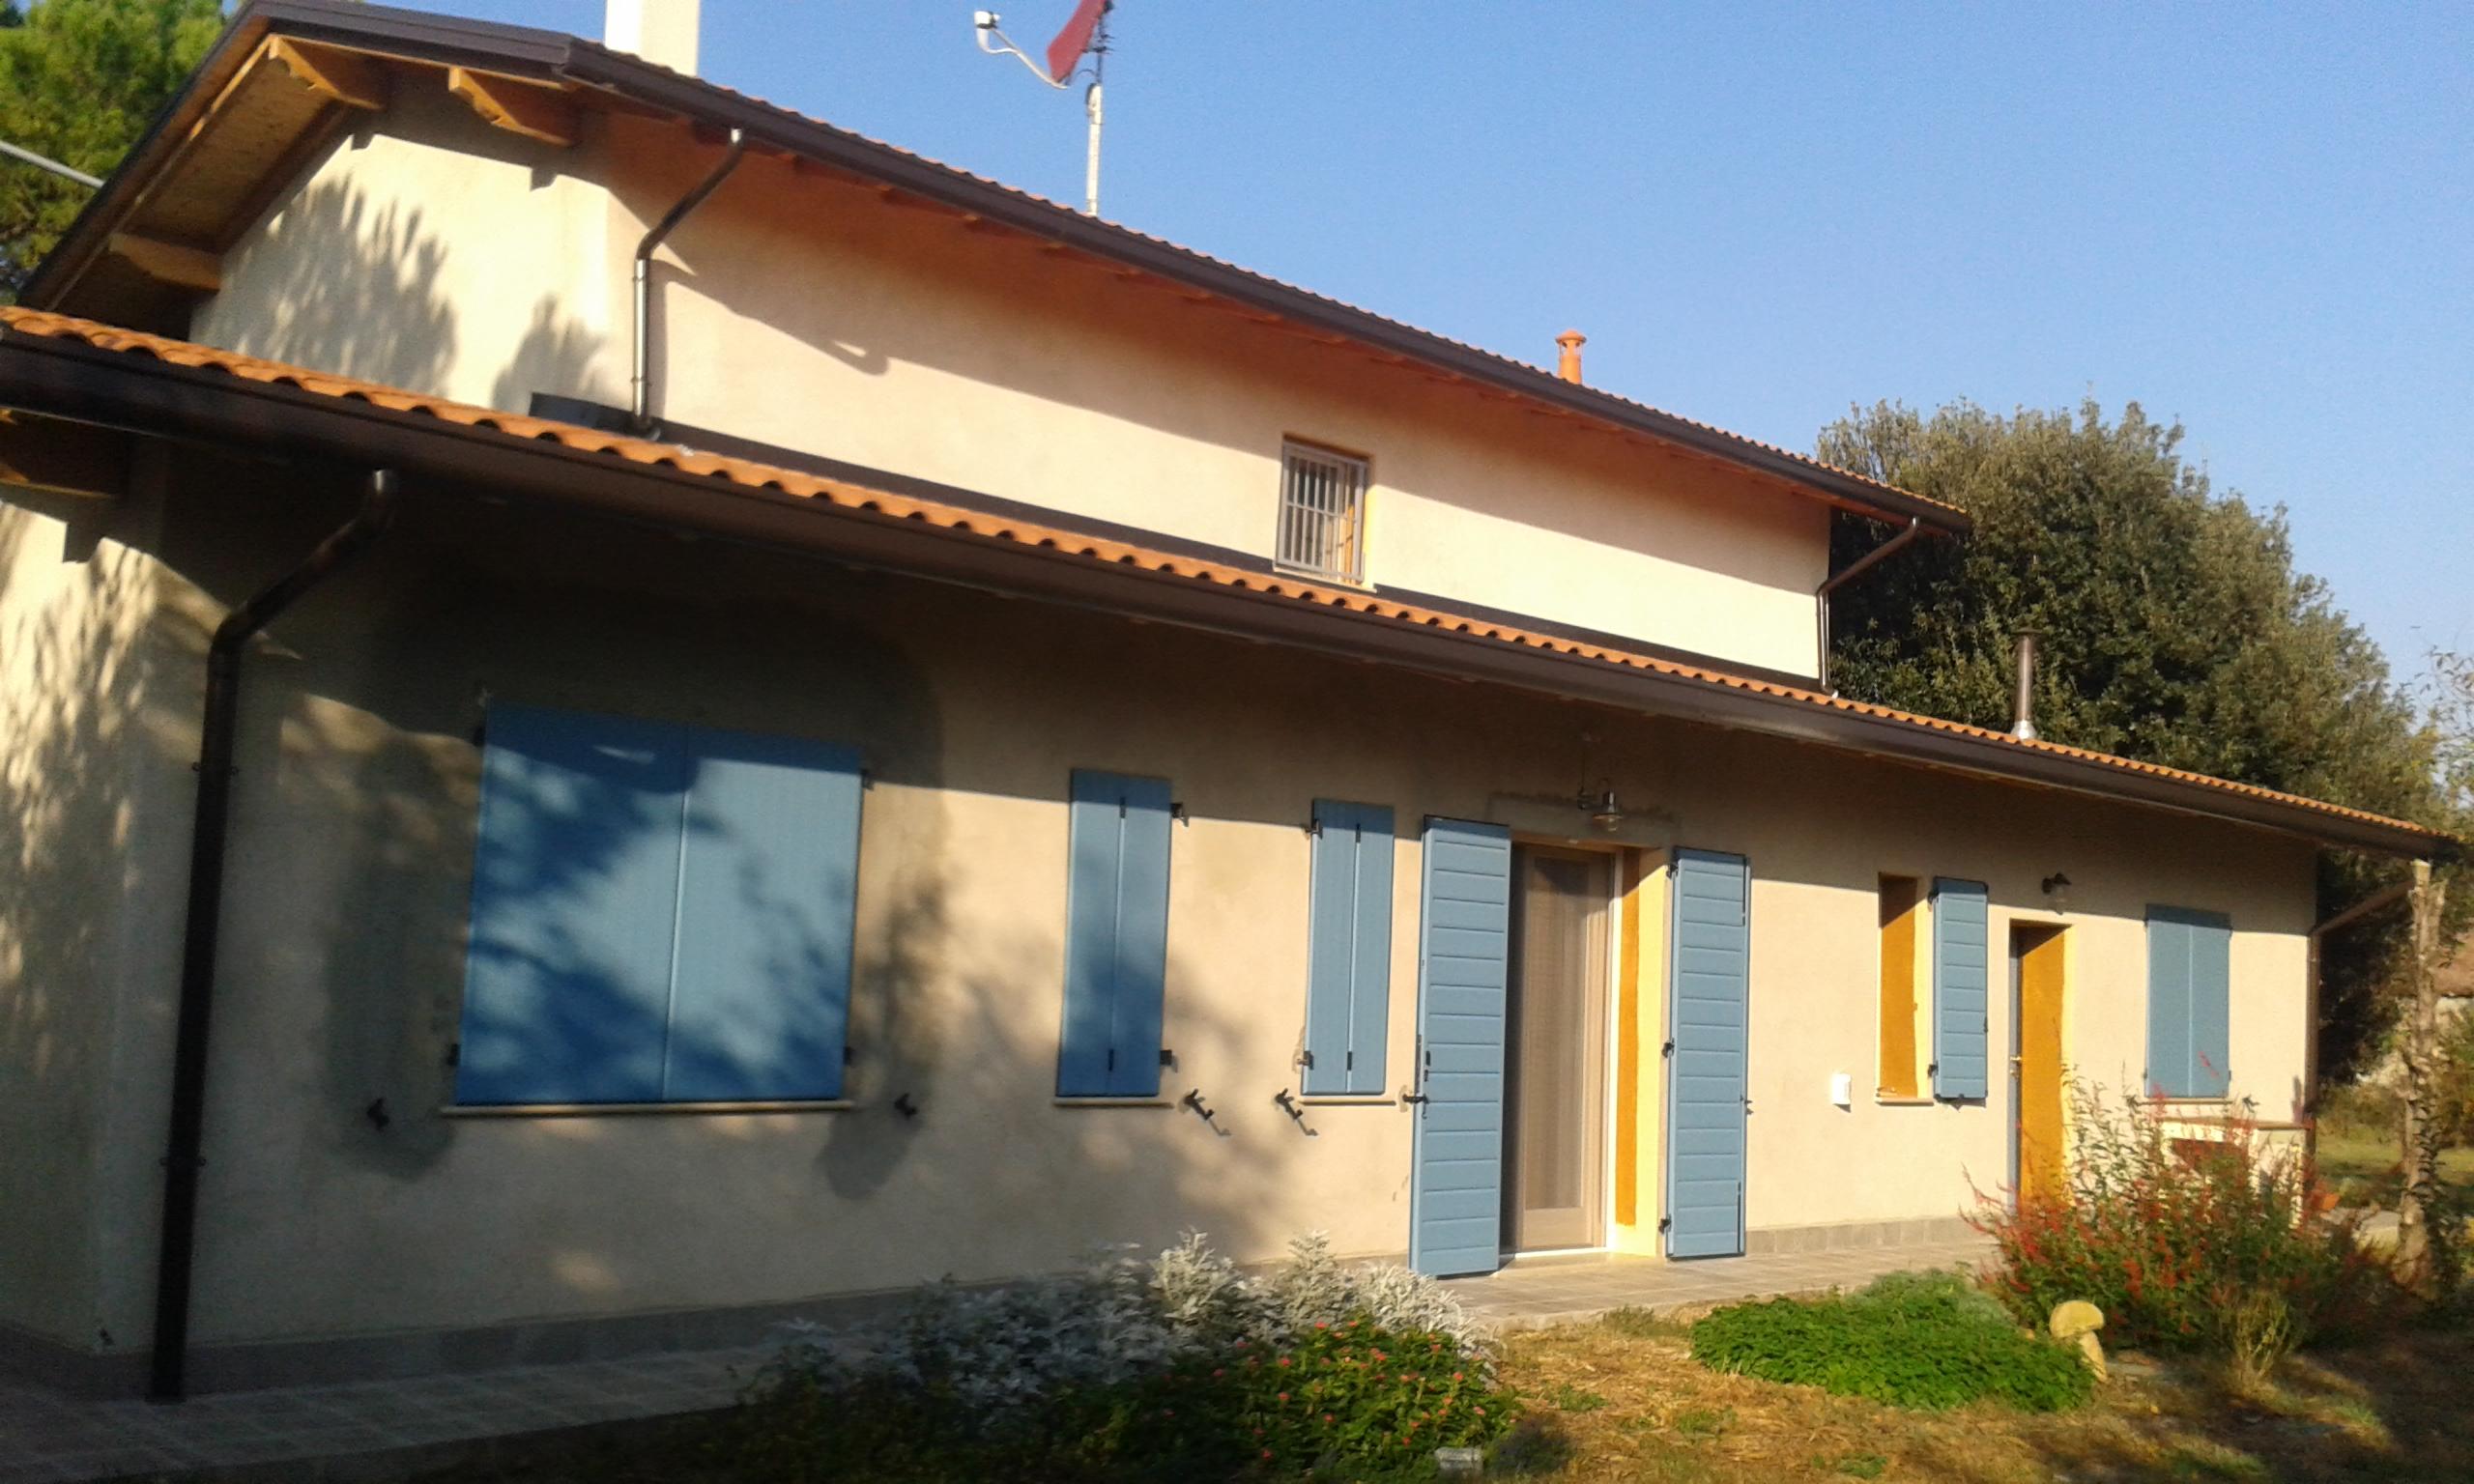 Holidays in a straw house - B&B ecofriendly Al Gufo Saggio Italy